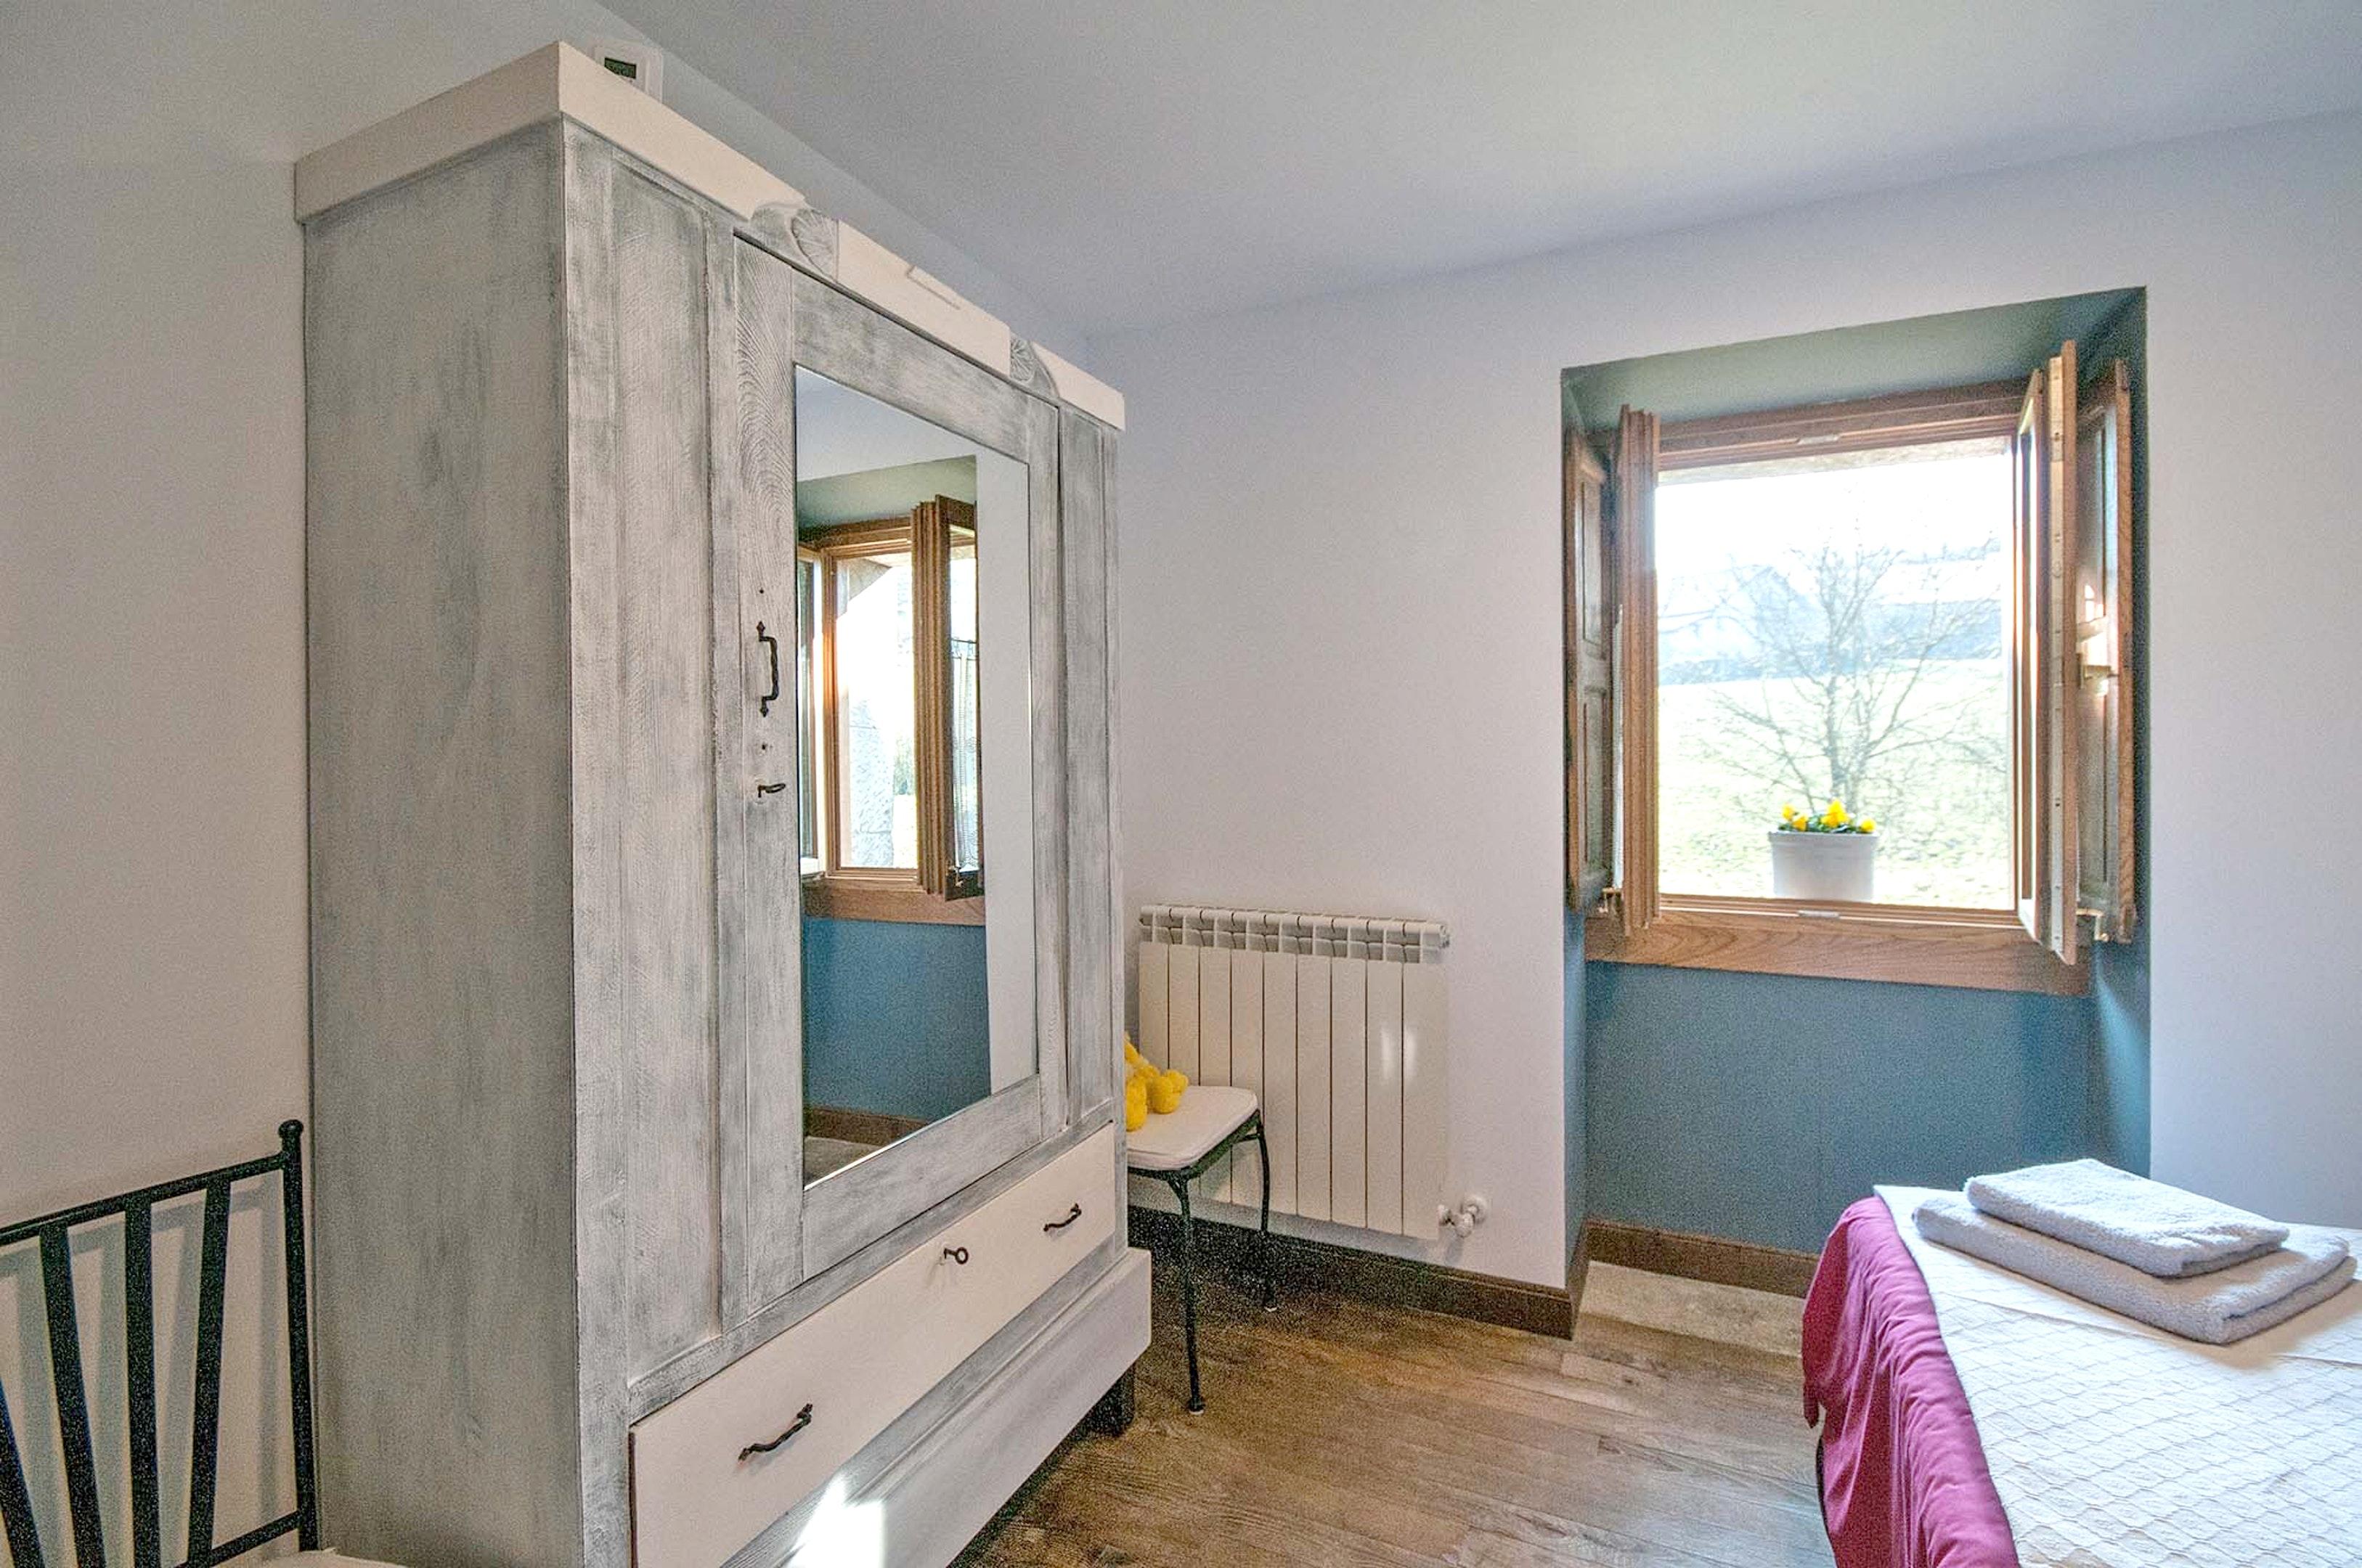 Ferienhaus Haus mit 5 Schlafzimmern in Baráibar mit toller Aussicht auf die Berge, möbliertem Garten  (2541138), Baraibar, , Navarra, Spanien, Bild 10